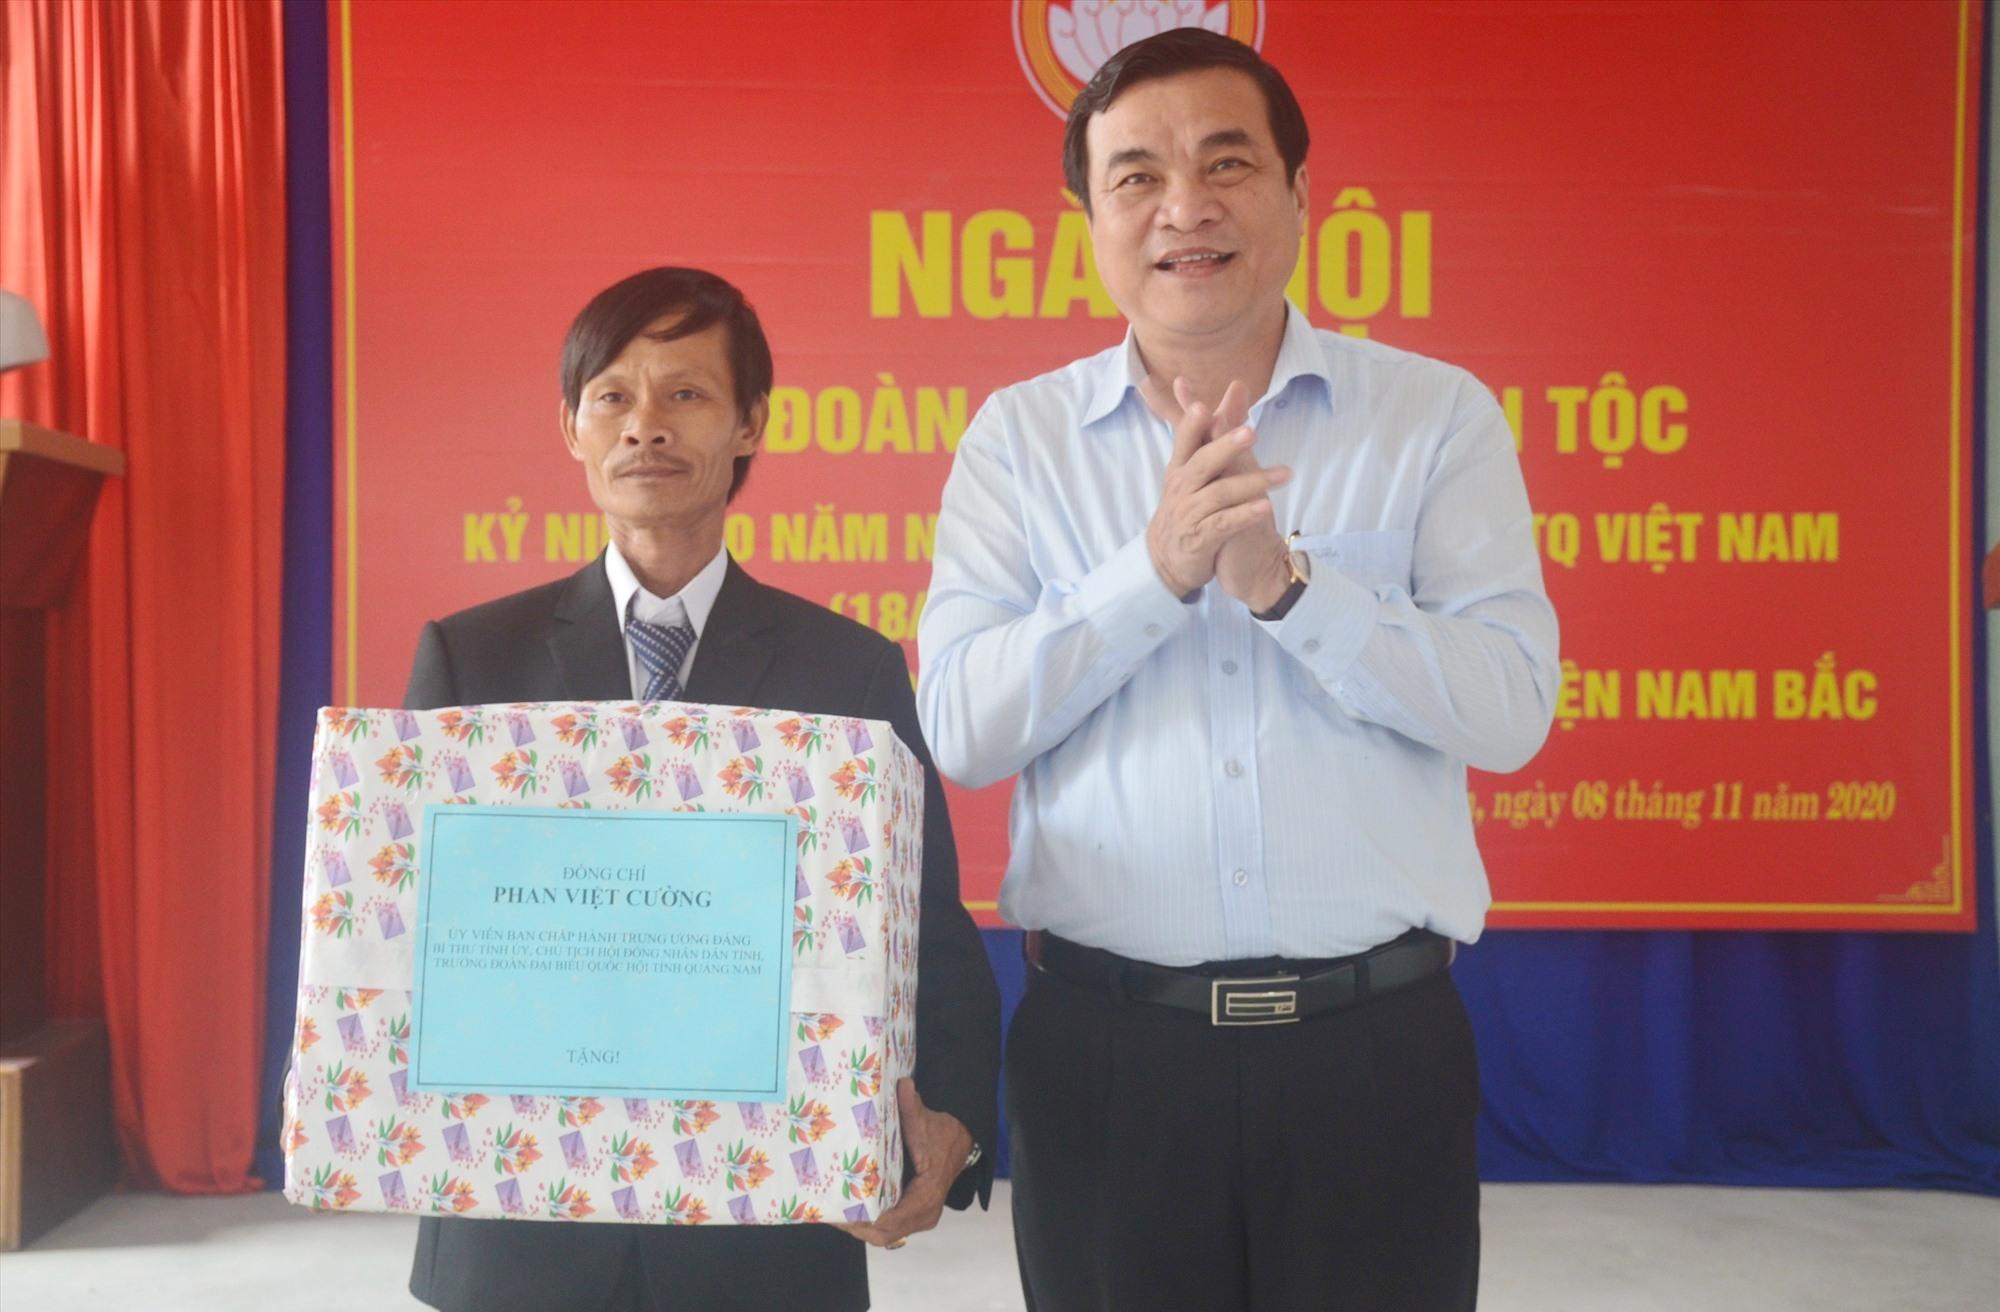 Bí thư Tỉnh ủy Phan Việt Cường trao quà cho đại diện khối phố Bình Ninh. Ảnh: Q.T